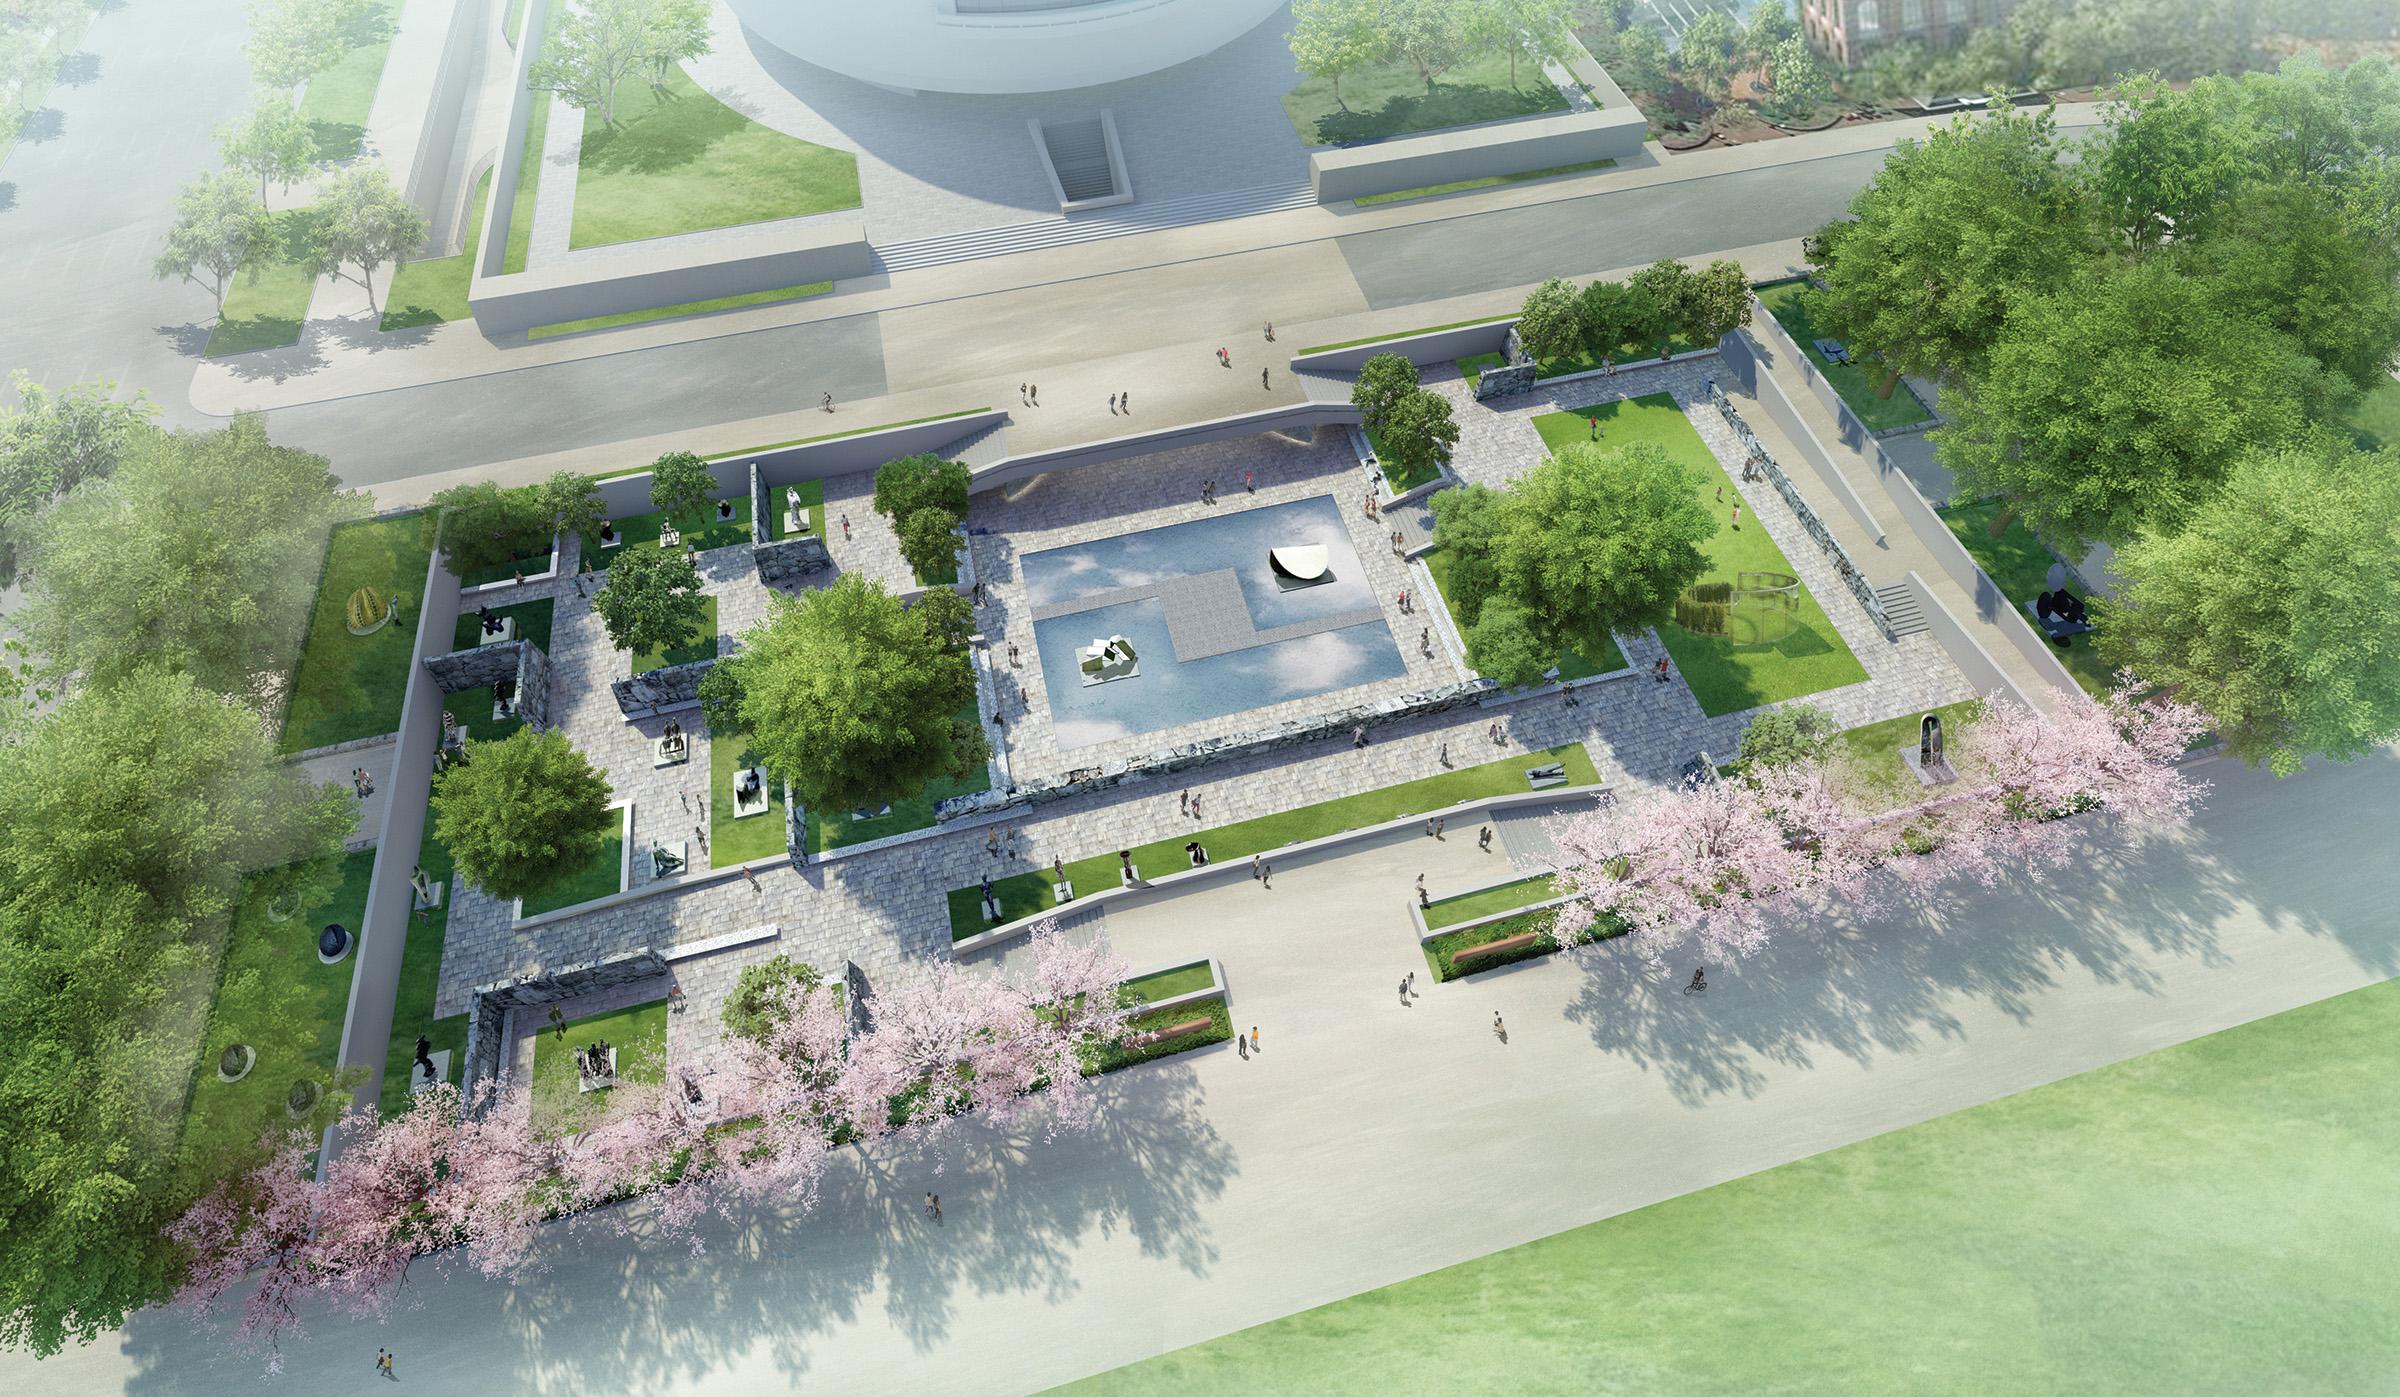 Hirshhorn Sculpture Garden preliminary concept design.